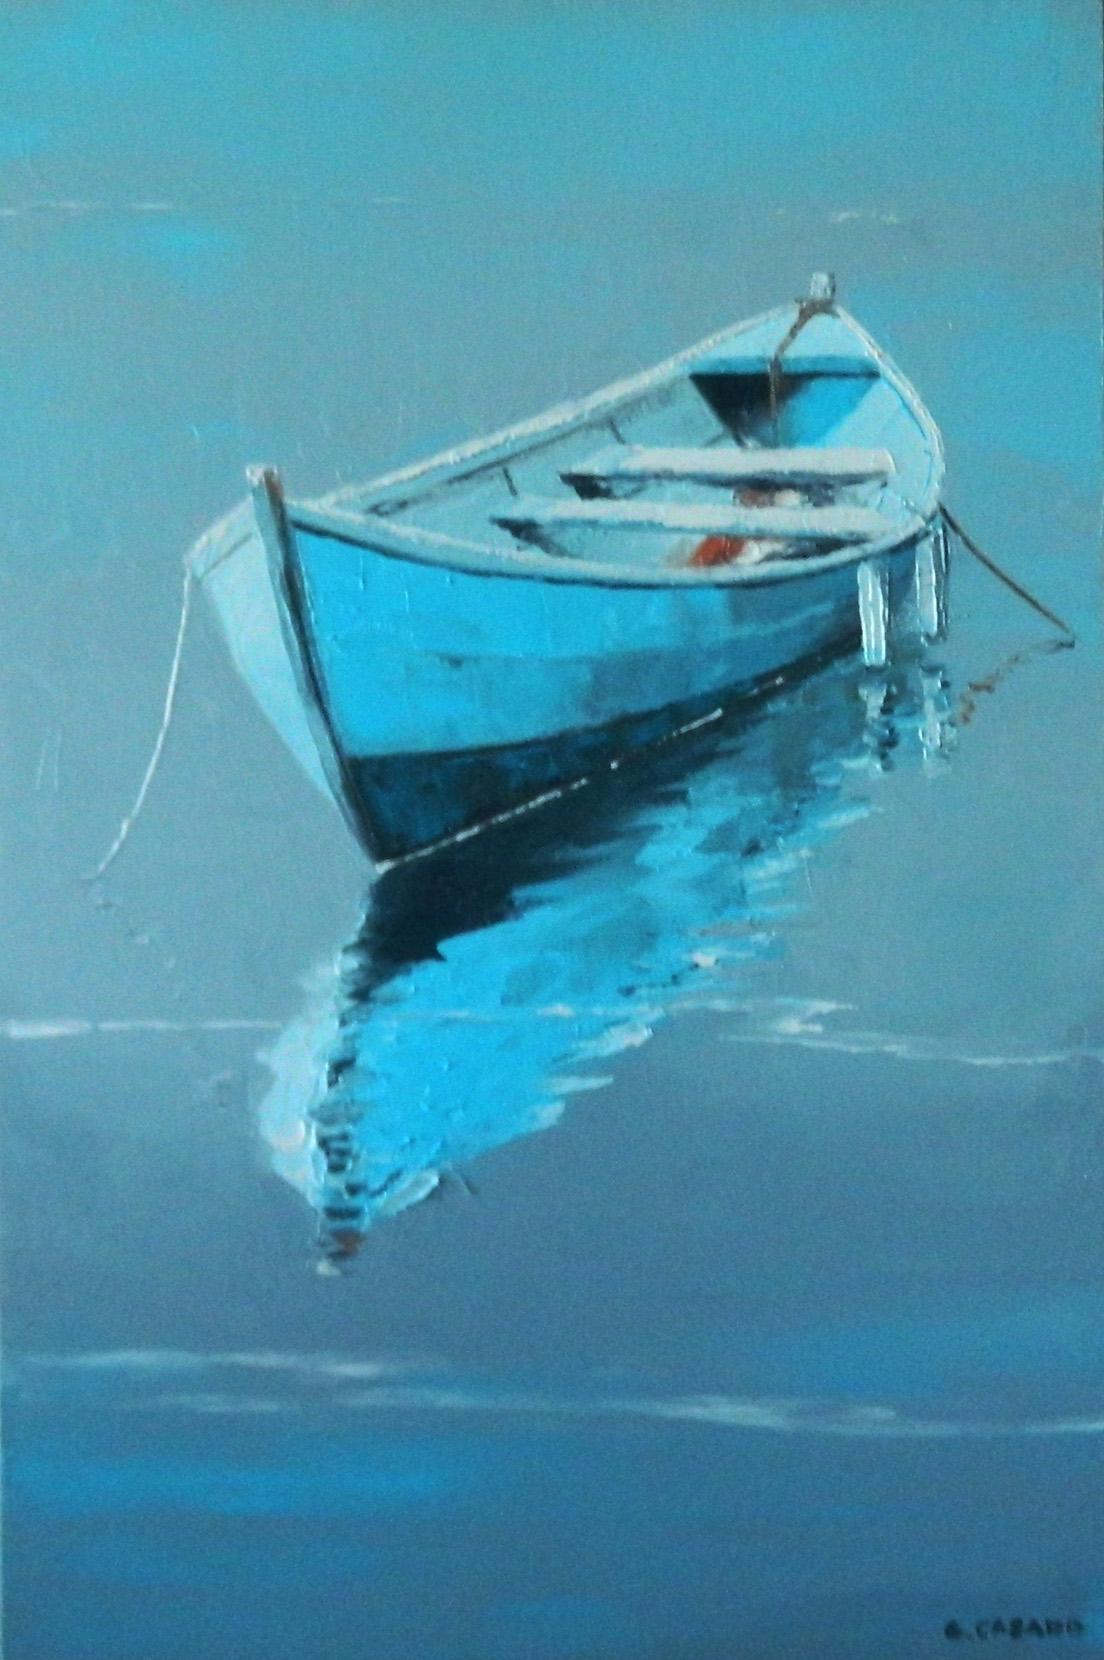 mare-seca-01-040-x-060